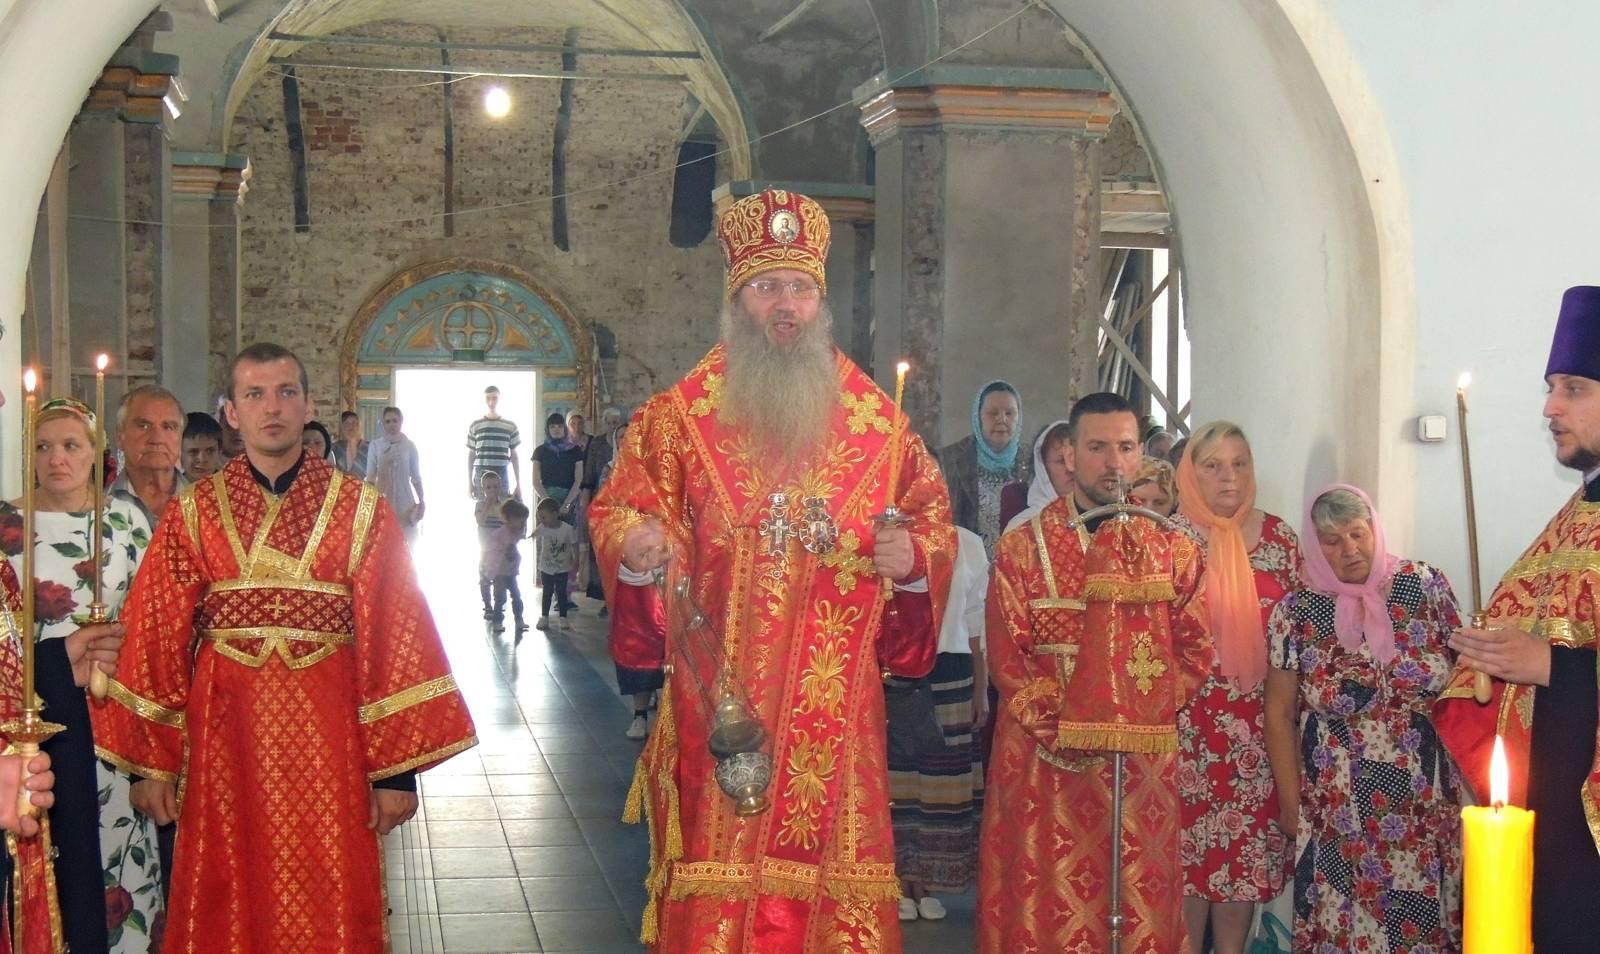 В канун Дня памяти Перенесения мощей святителя и чудотворца Николая из Мир Ликийских в Бар.